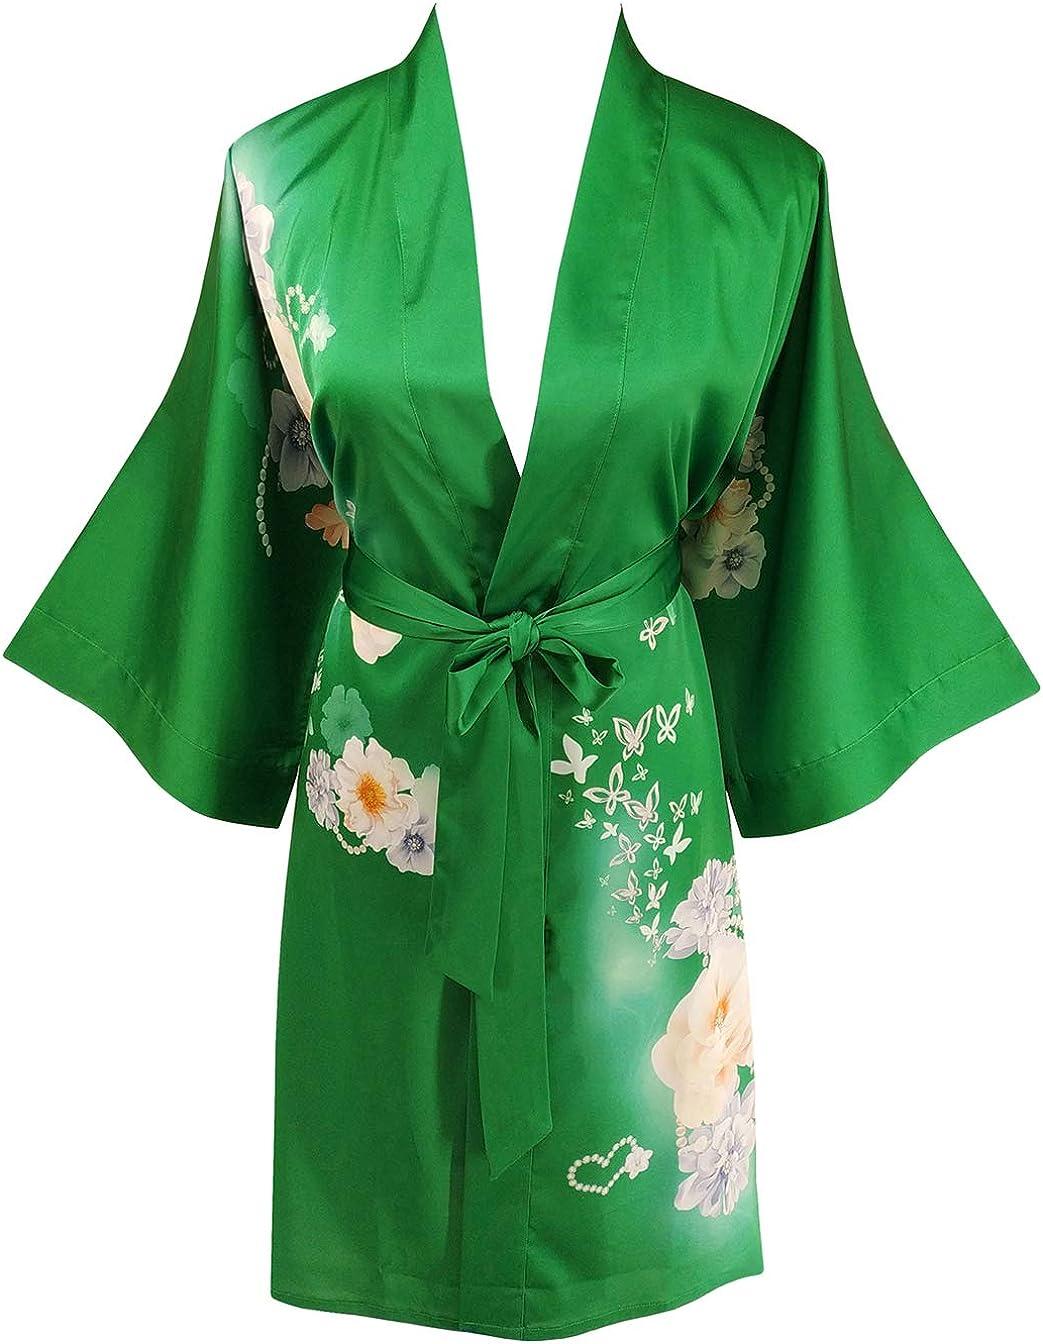 Ledamon Women's Kimono Short Max 79% OFF Super sale period limited Robe - Classic Bathrobe Nigh Floral